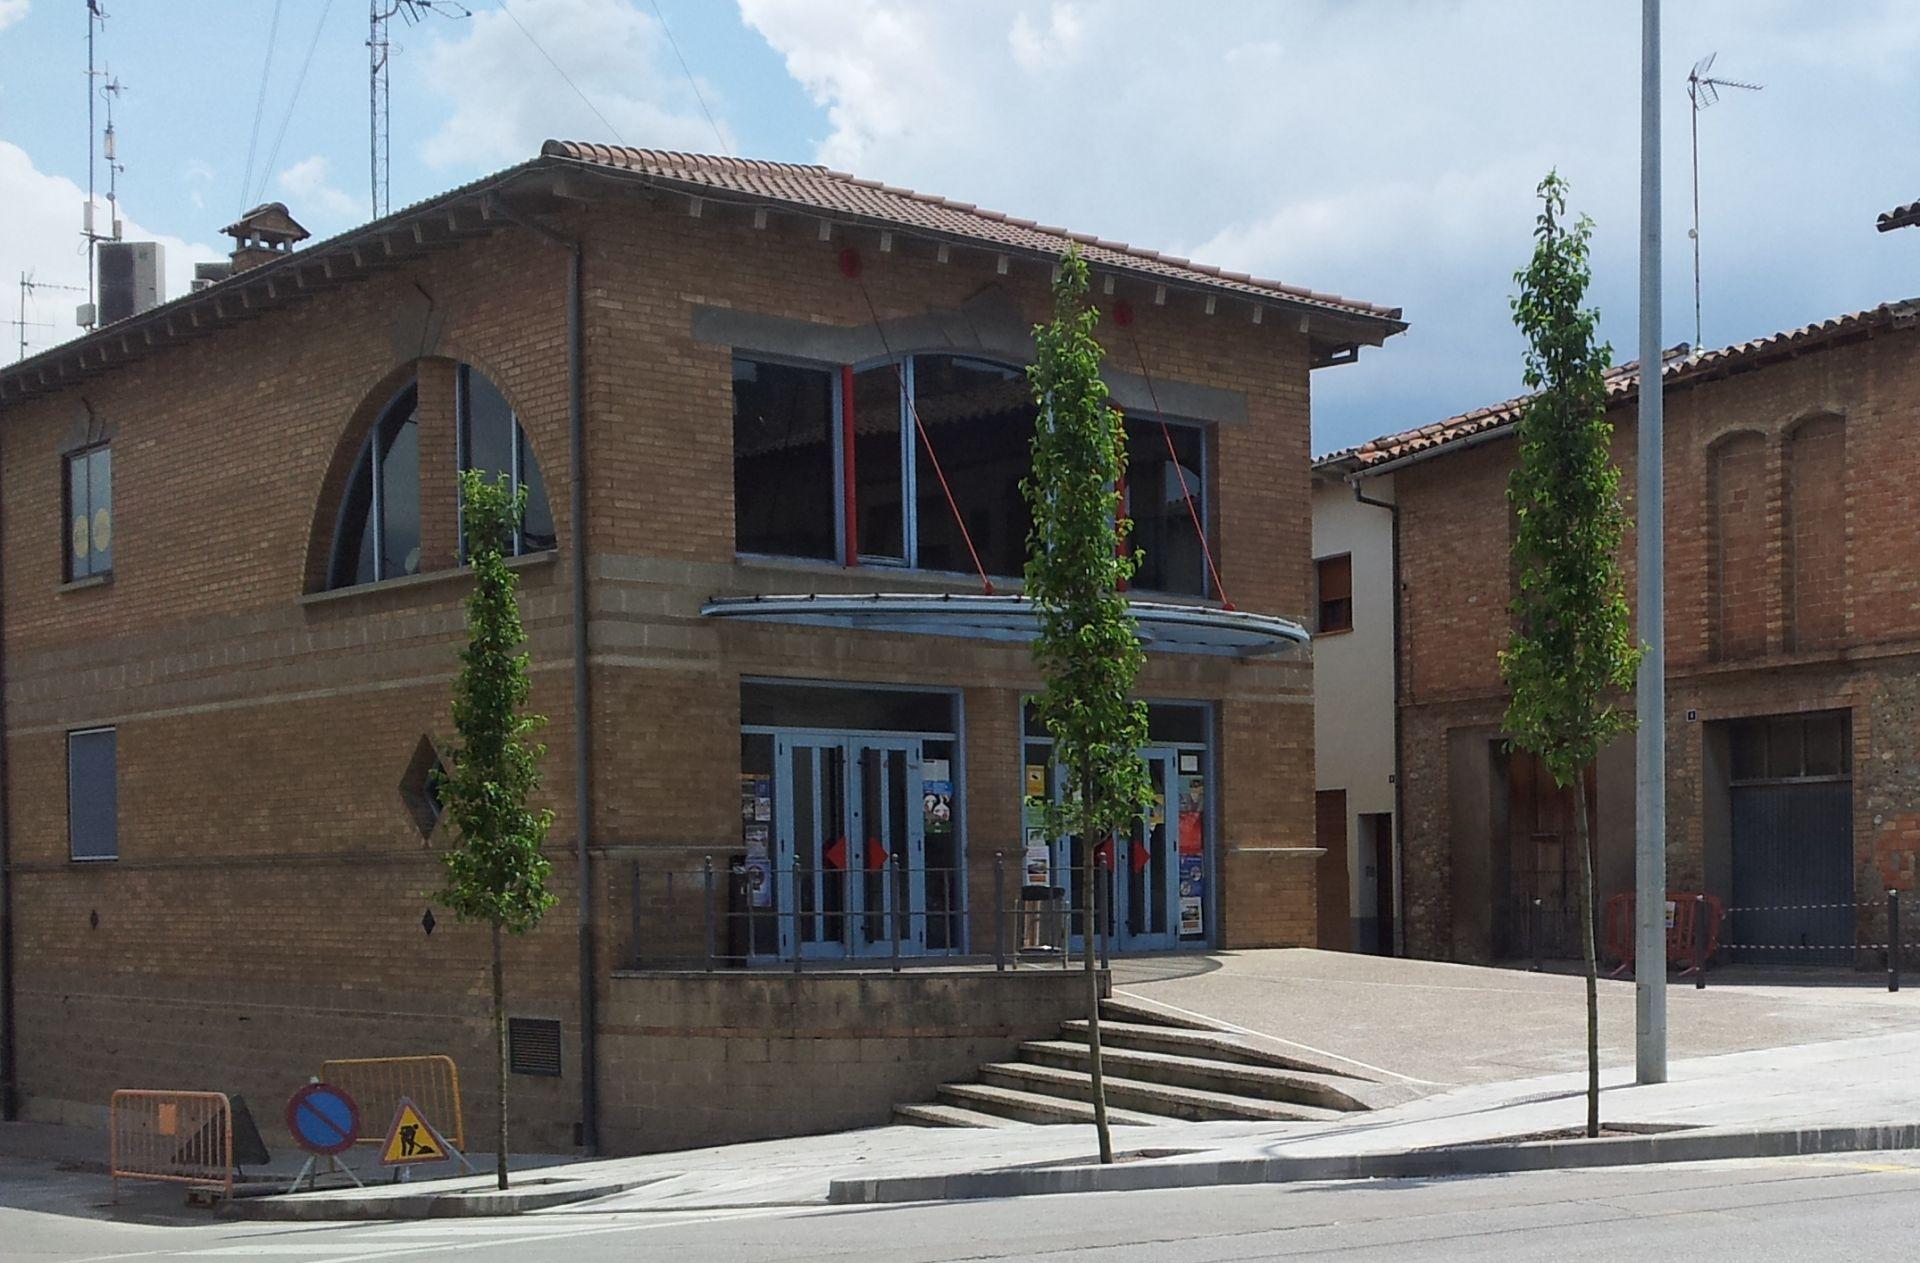 Ajuntament de Sant Hipòlit de Voltregà